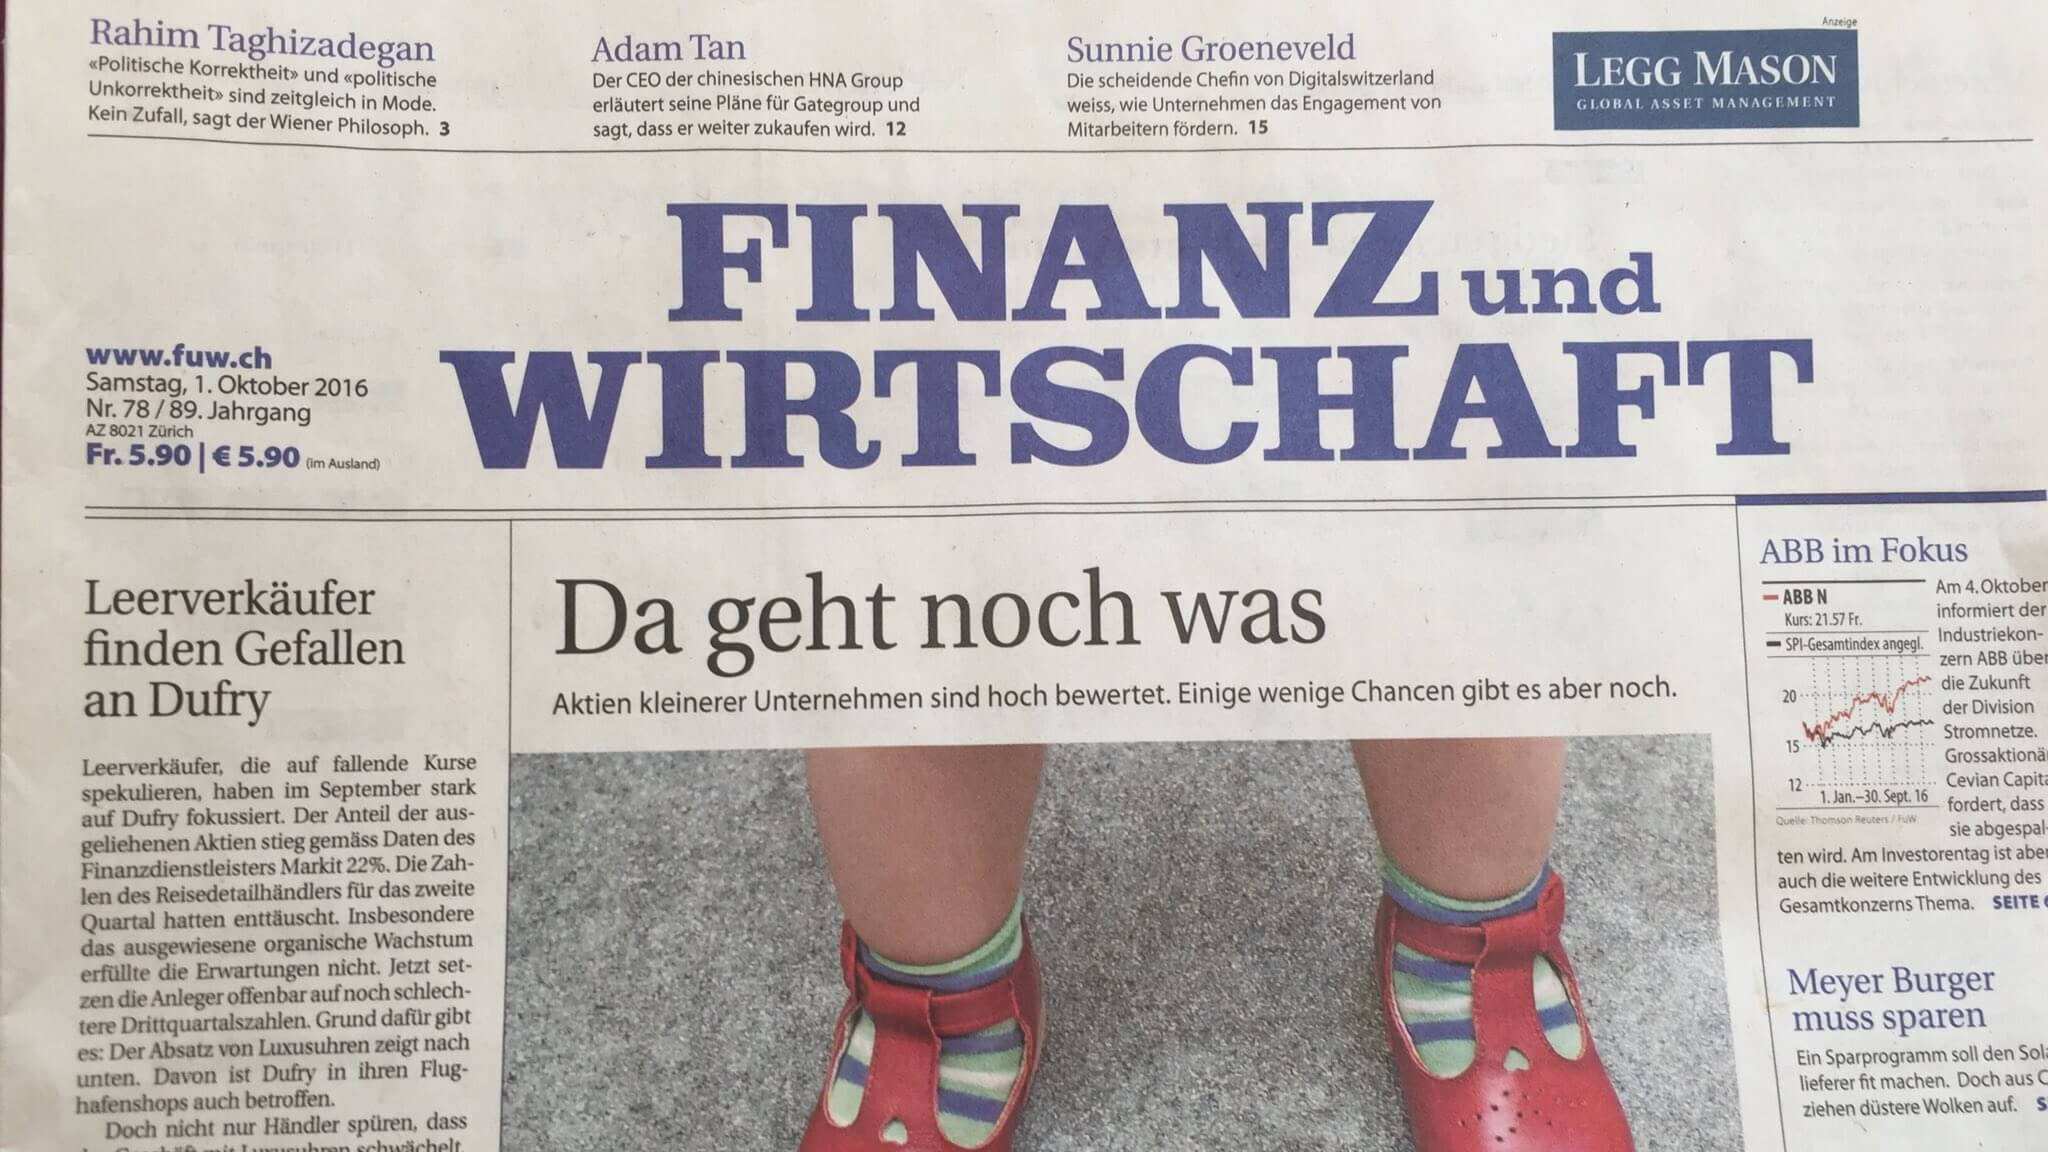 We Made the Frontpage of Finanz und Wirtschaft